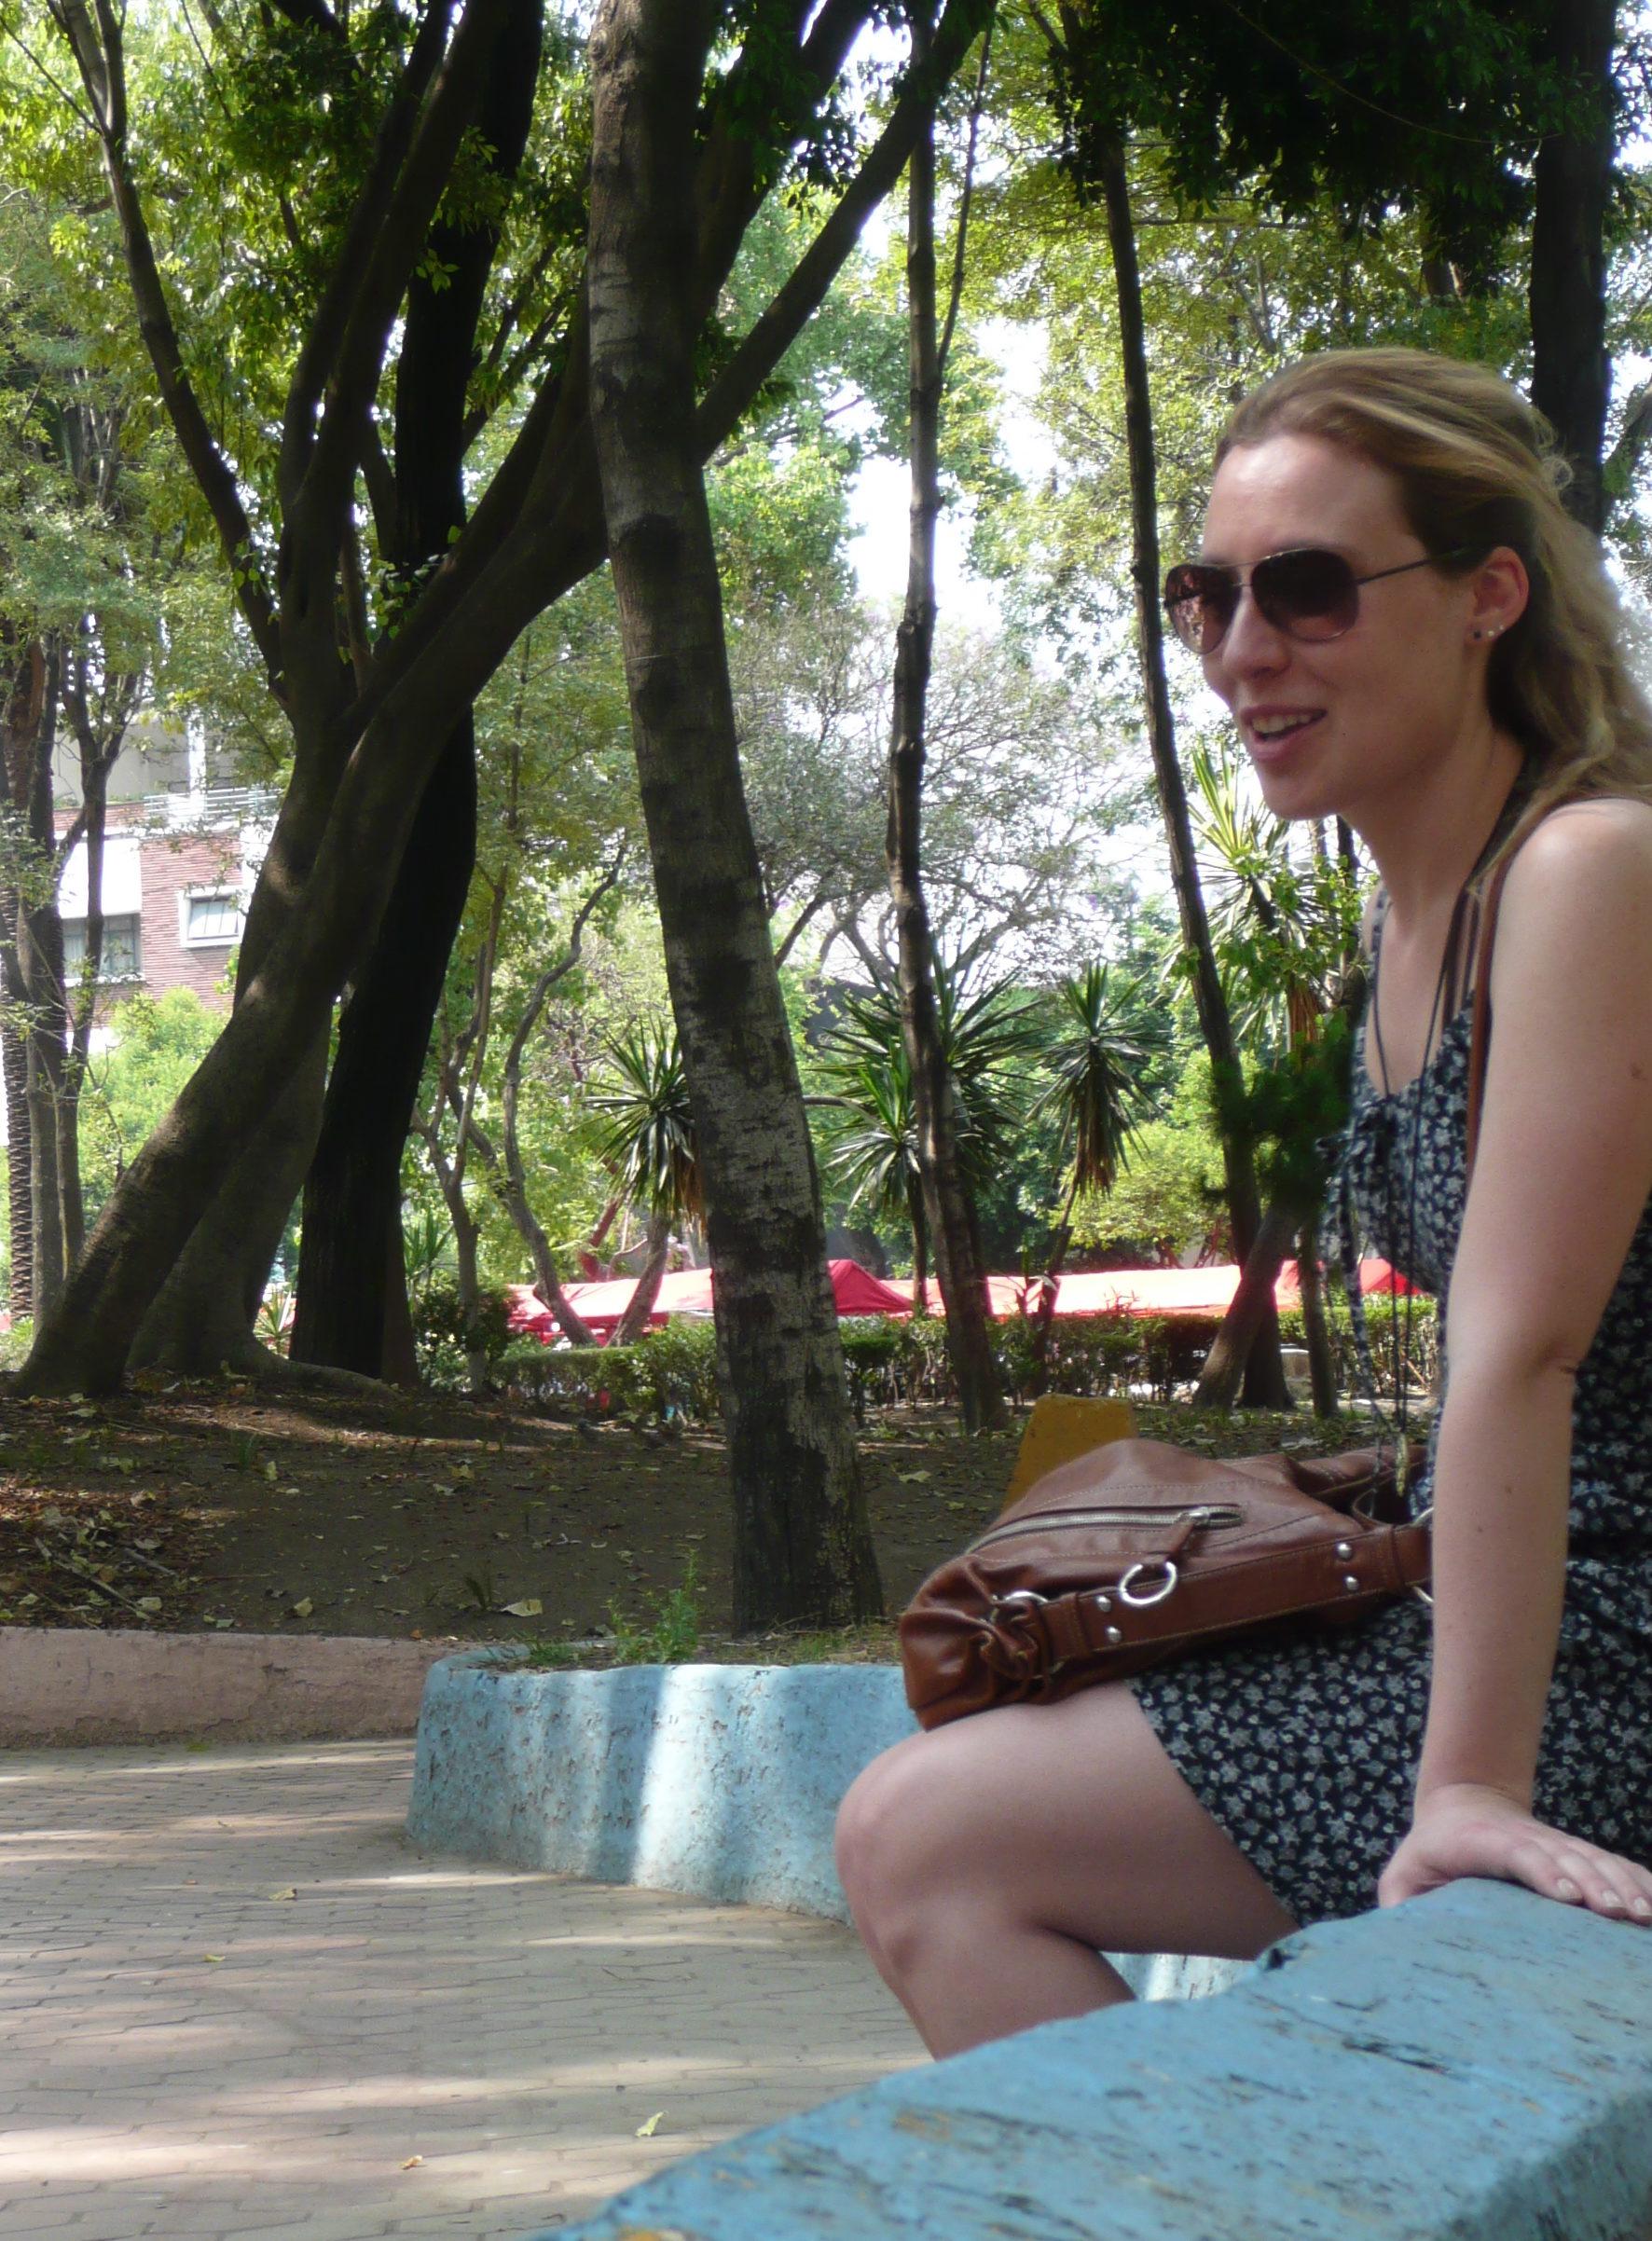 Julia Braga à Mexico